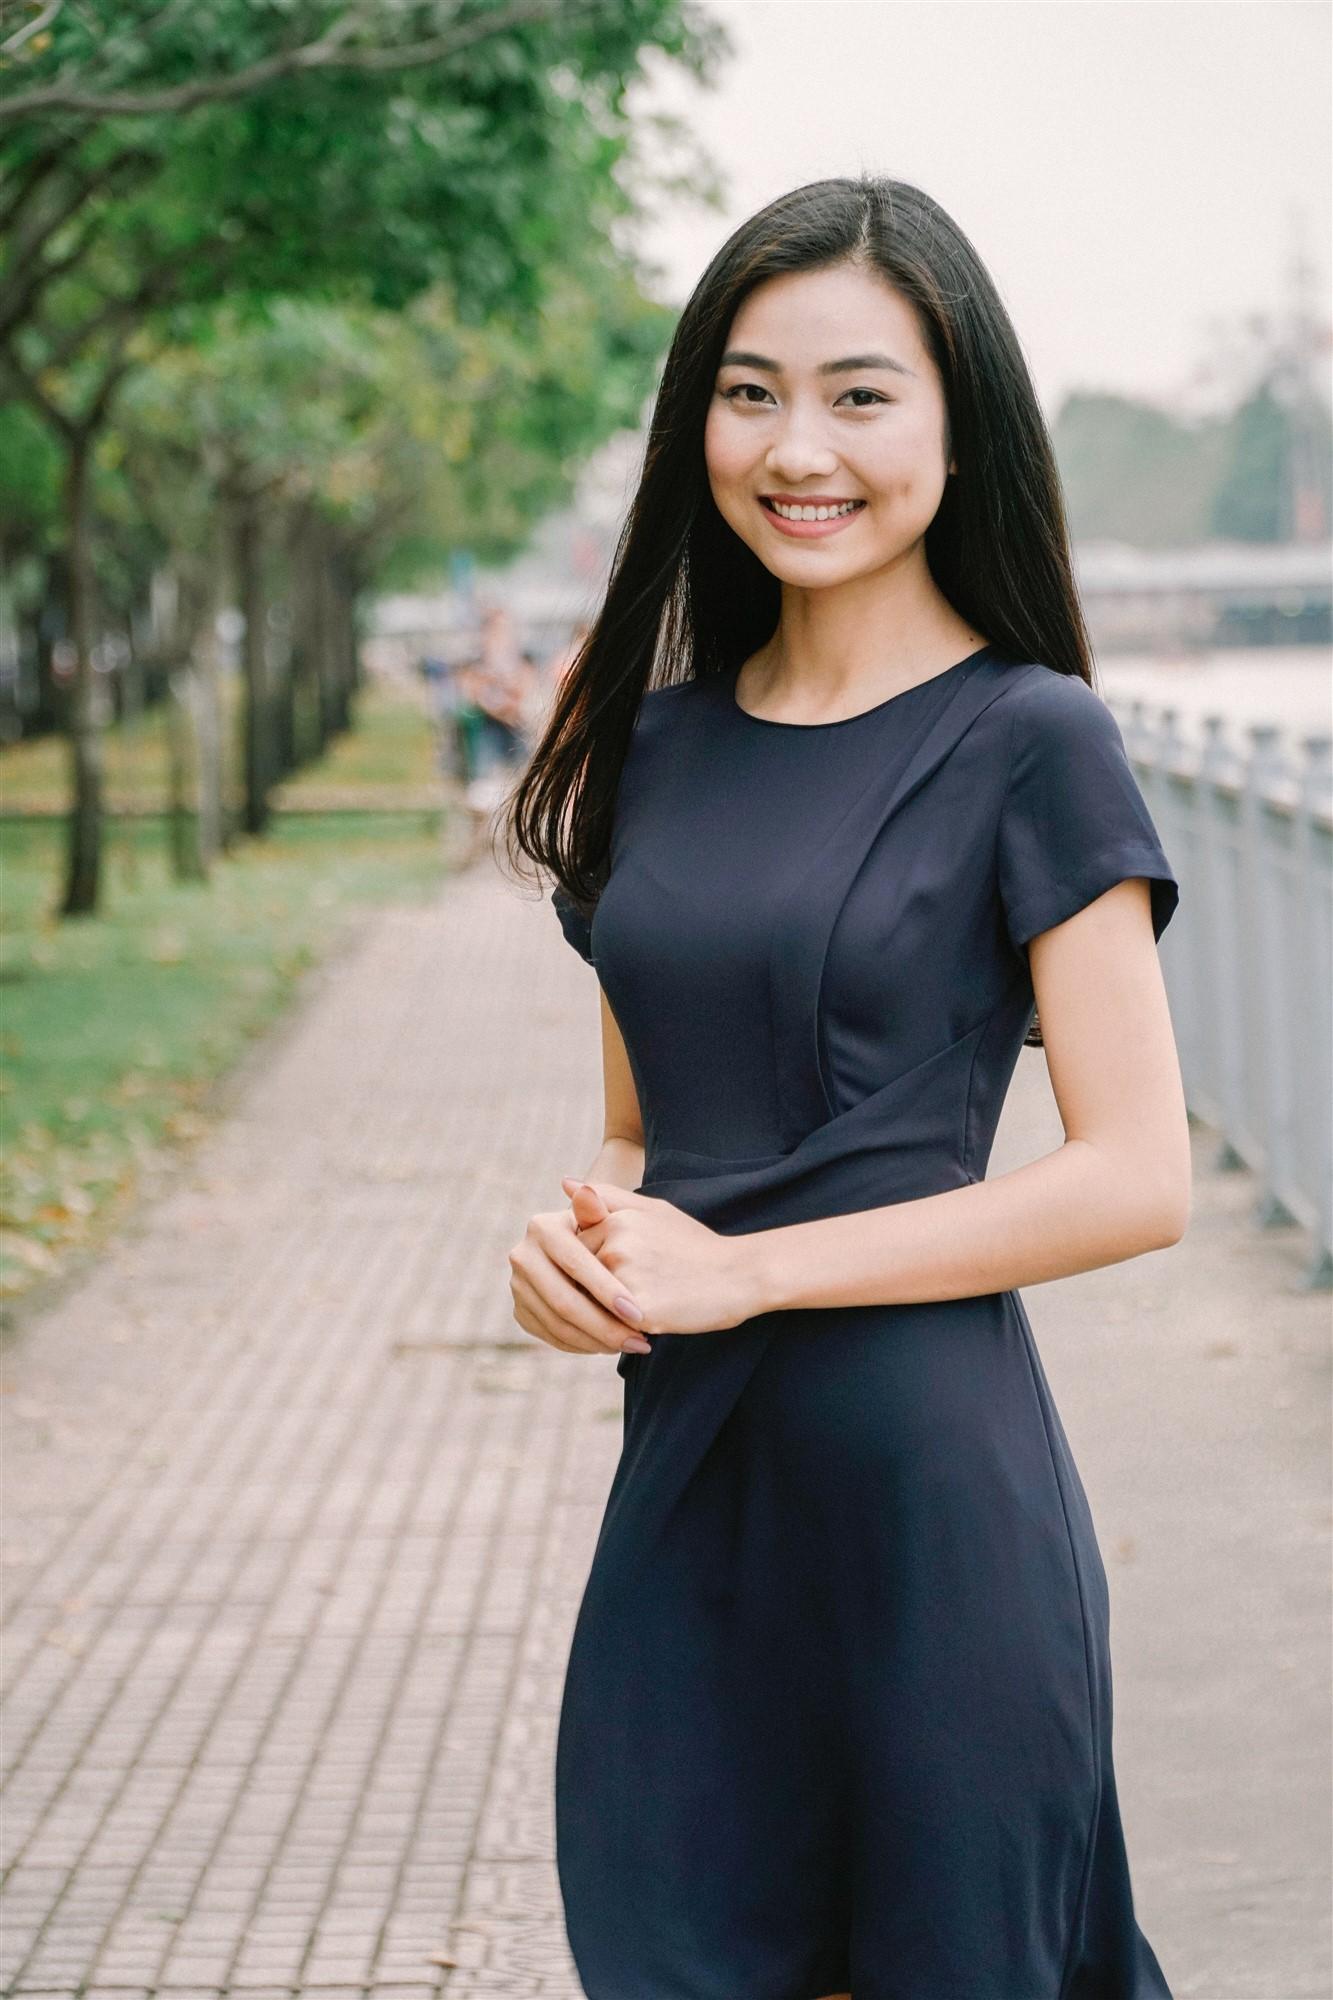 Mỹ nhân của Hoa hậu Việt Nam 2016 bất ngờ làm MC trong bản tin thời sự của VTV9 2